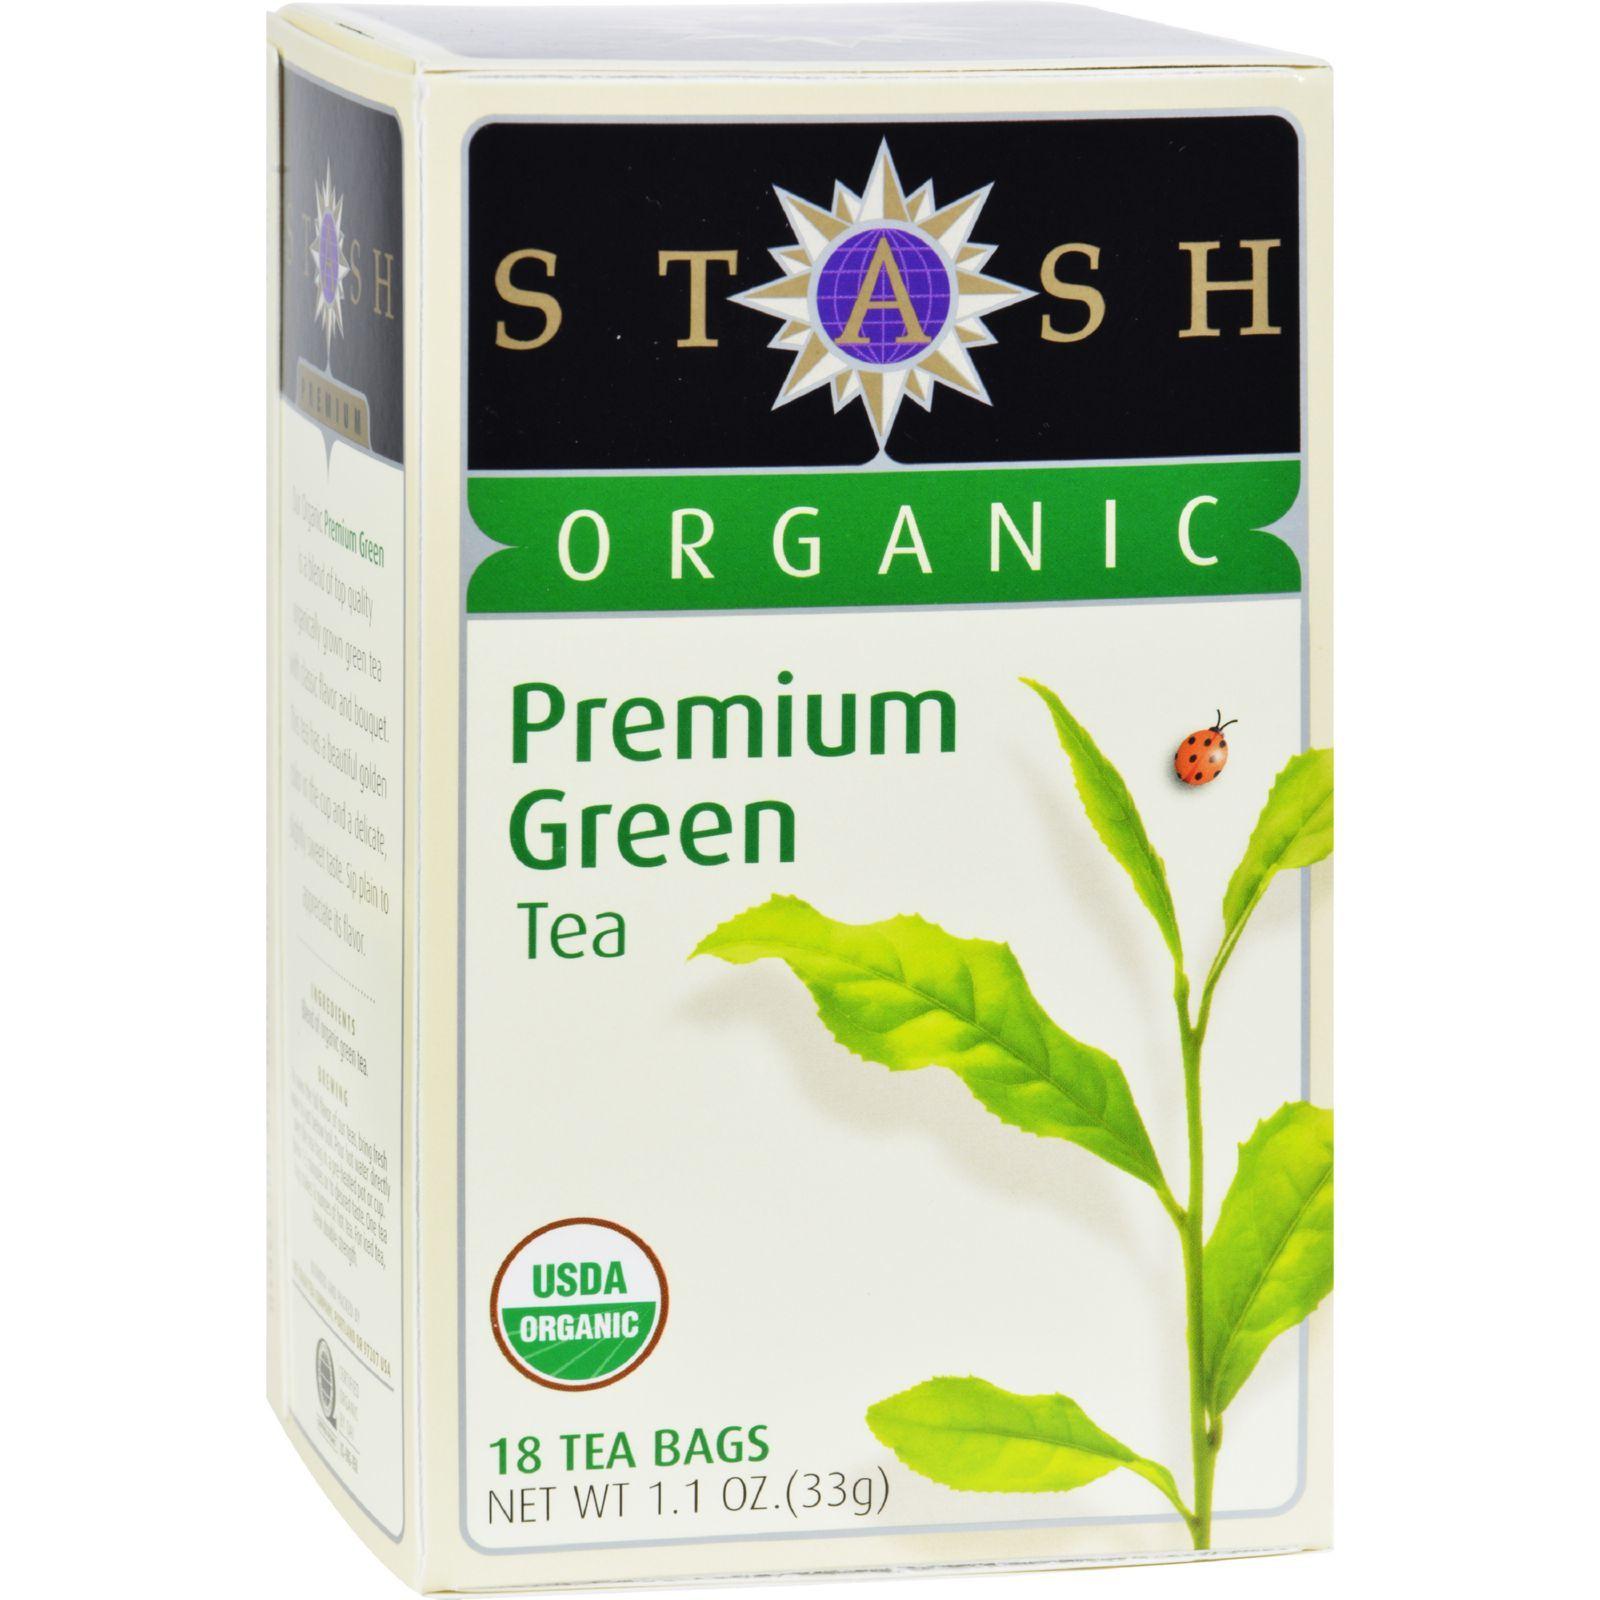 Stash Tea - Organic - Green - Premium - 18 Bags - Case of 6